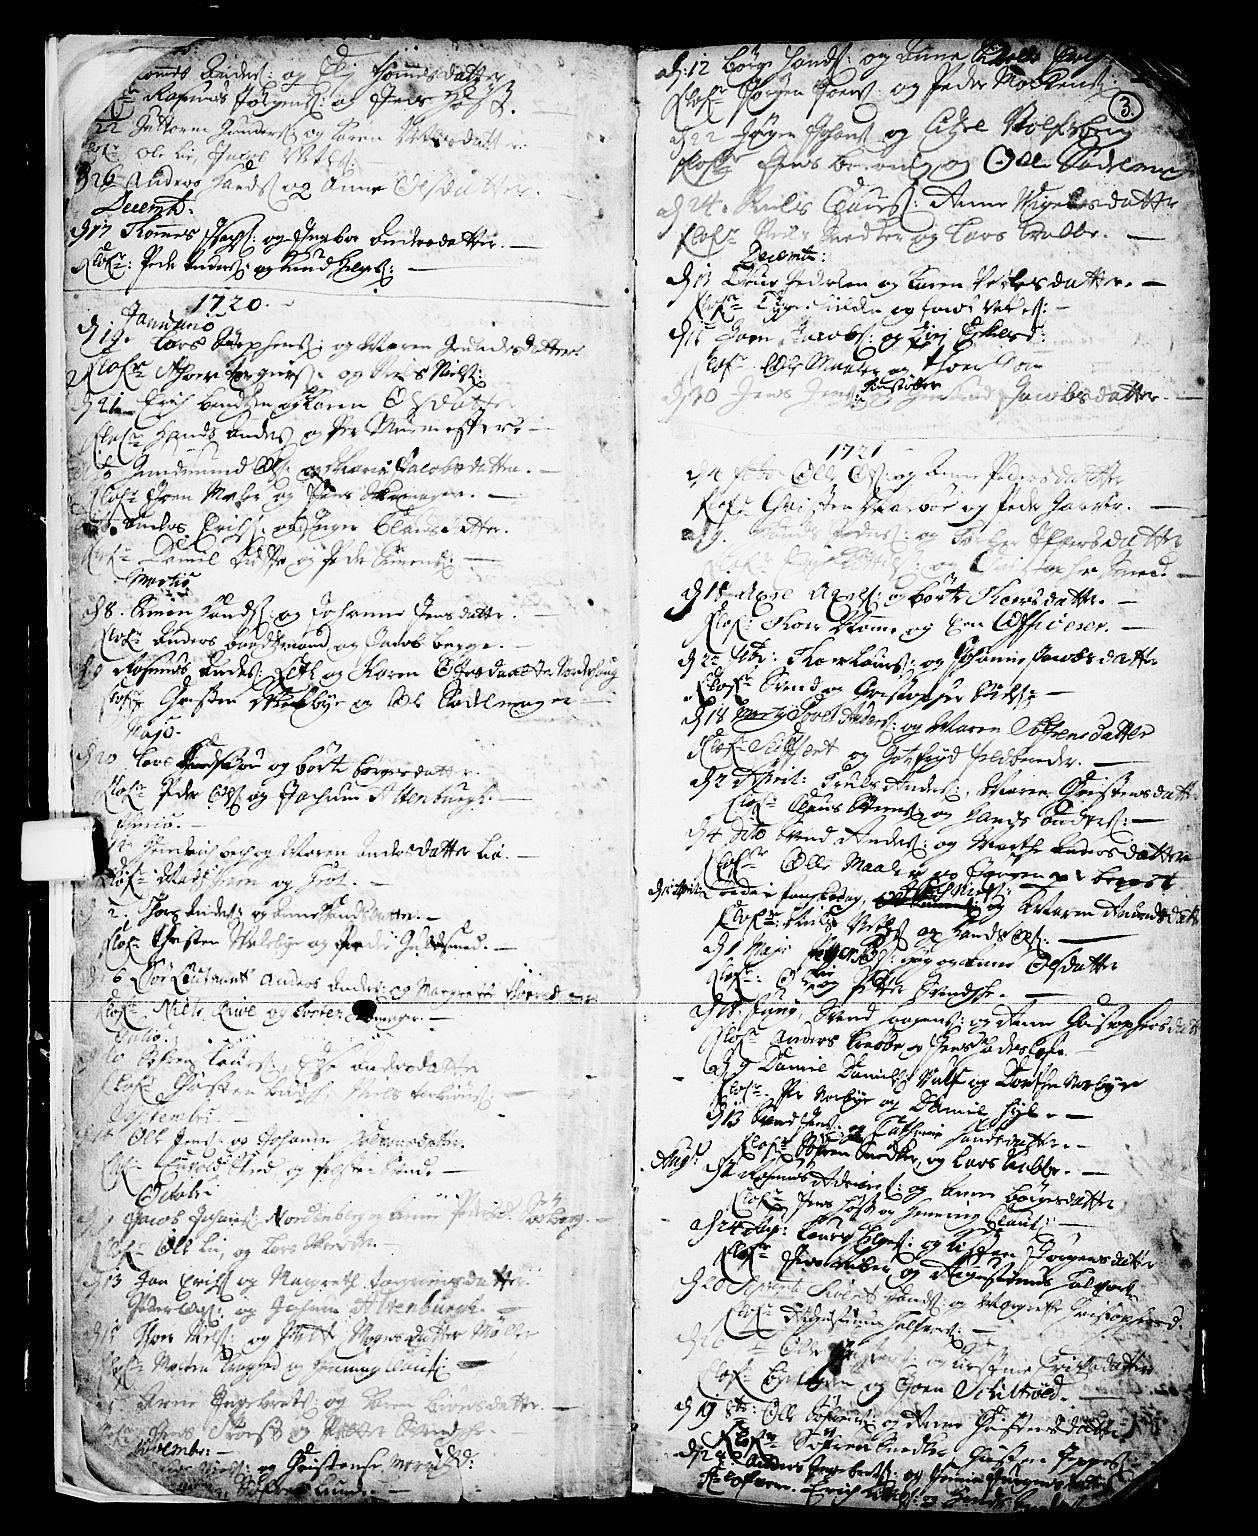 SAKO, Skien kirkebøker, F/Fa/L0002: Ministerialbok nr. 2, 1716-1757, s. 3